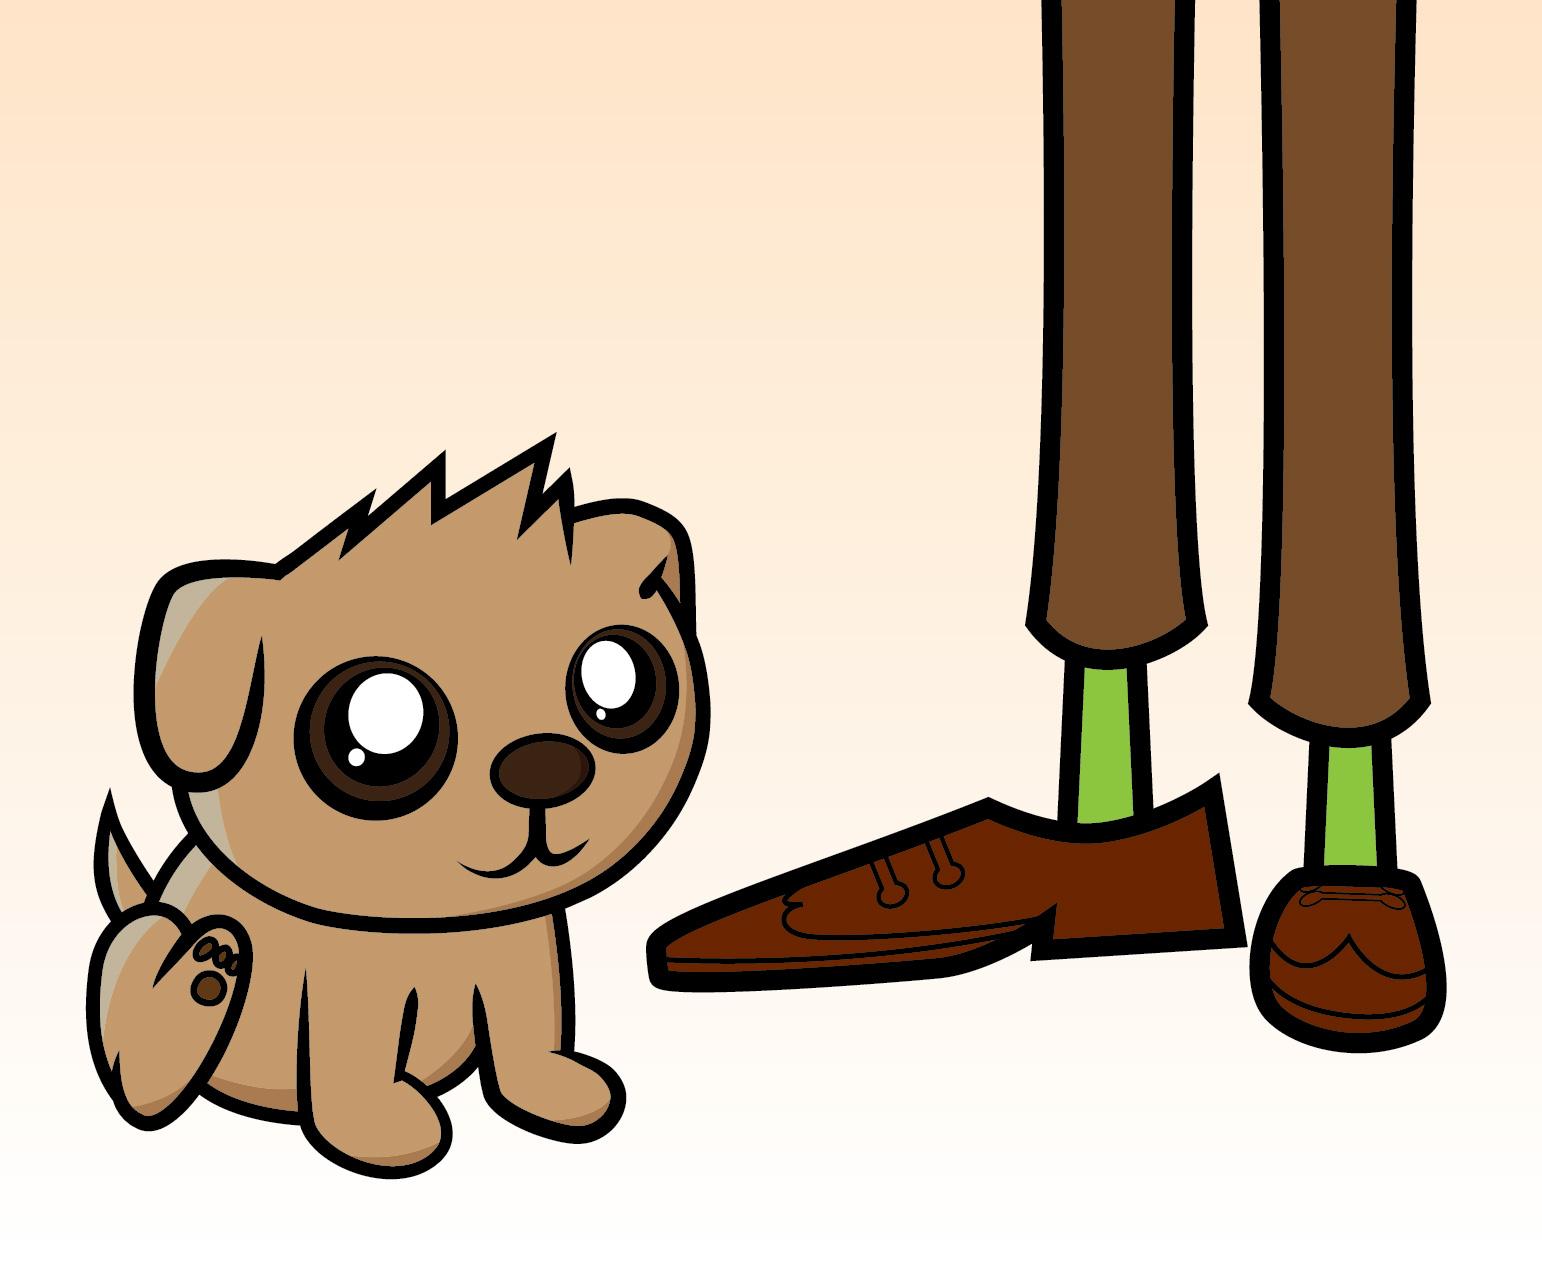 Puppy dawg